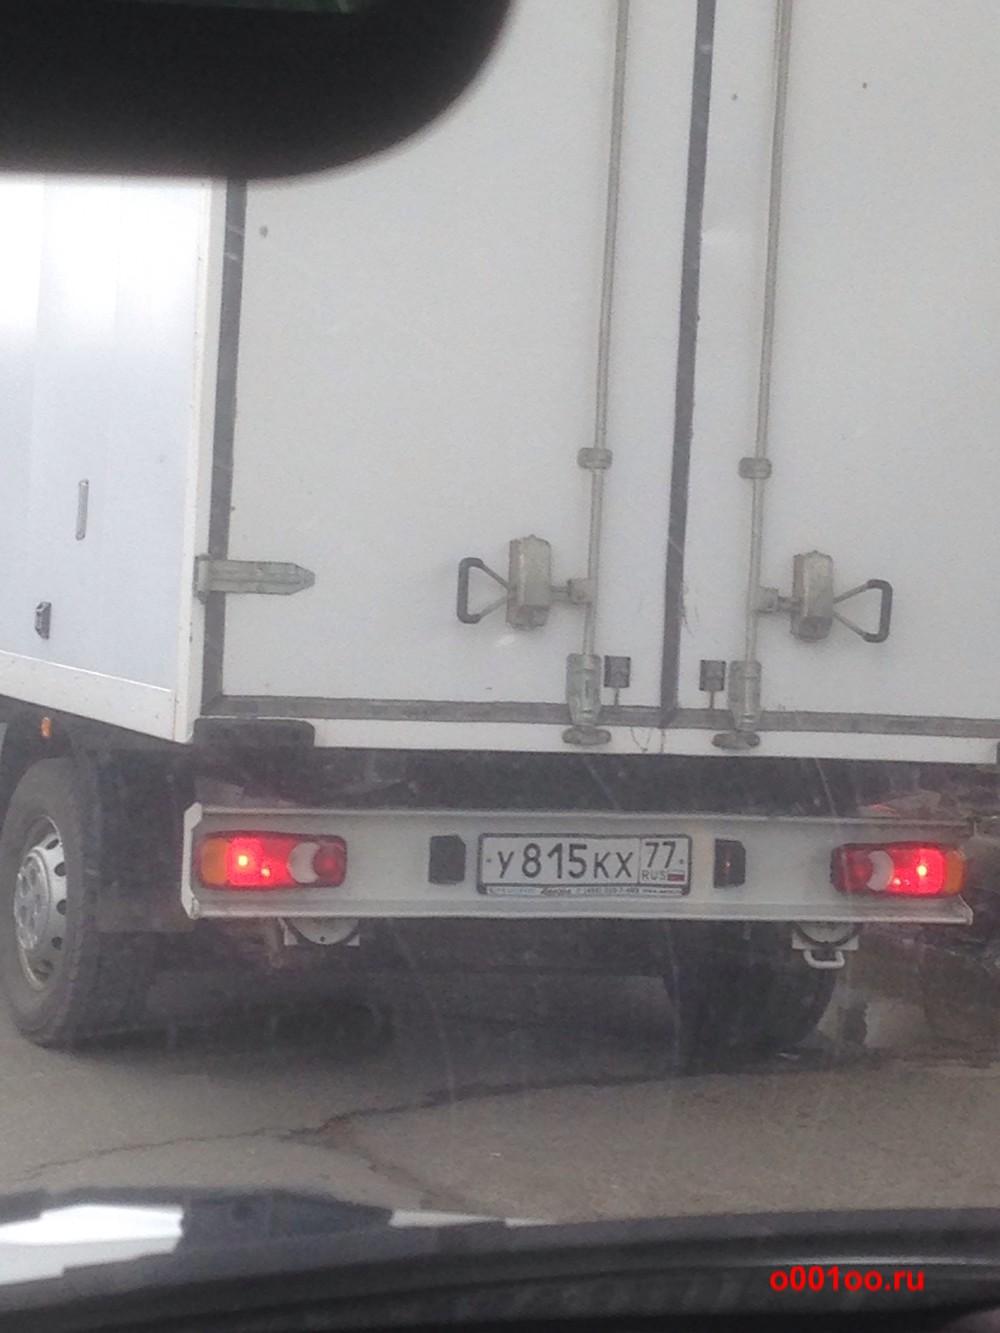 у815кх77